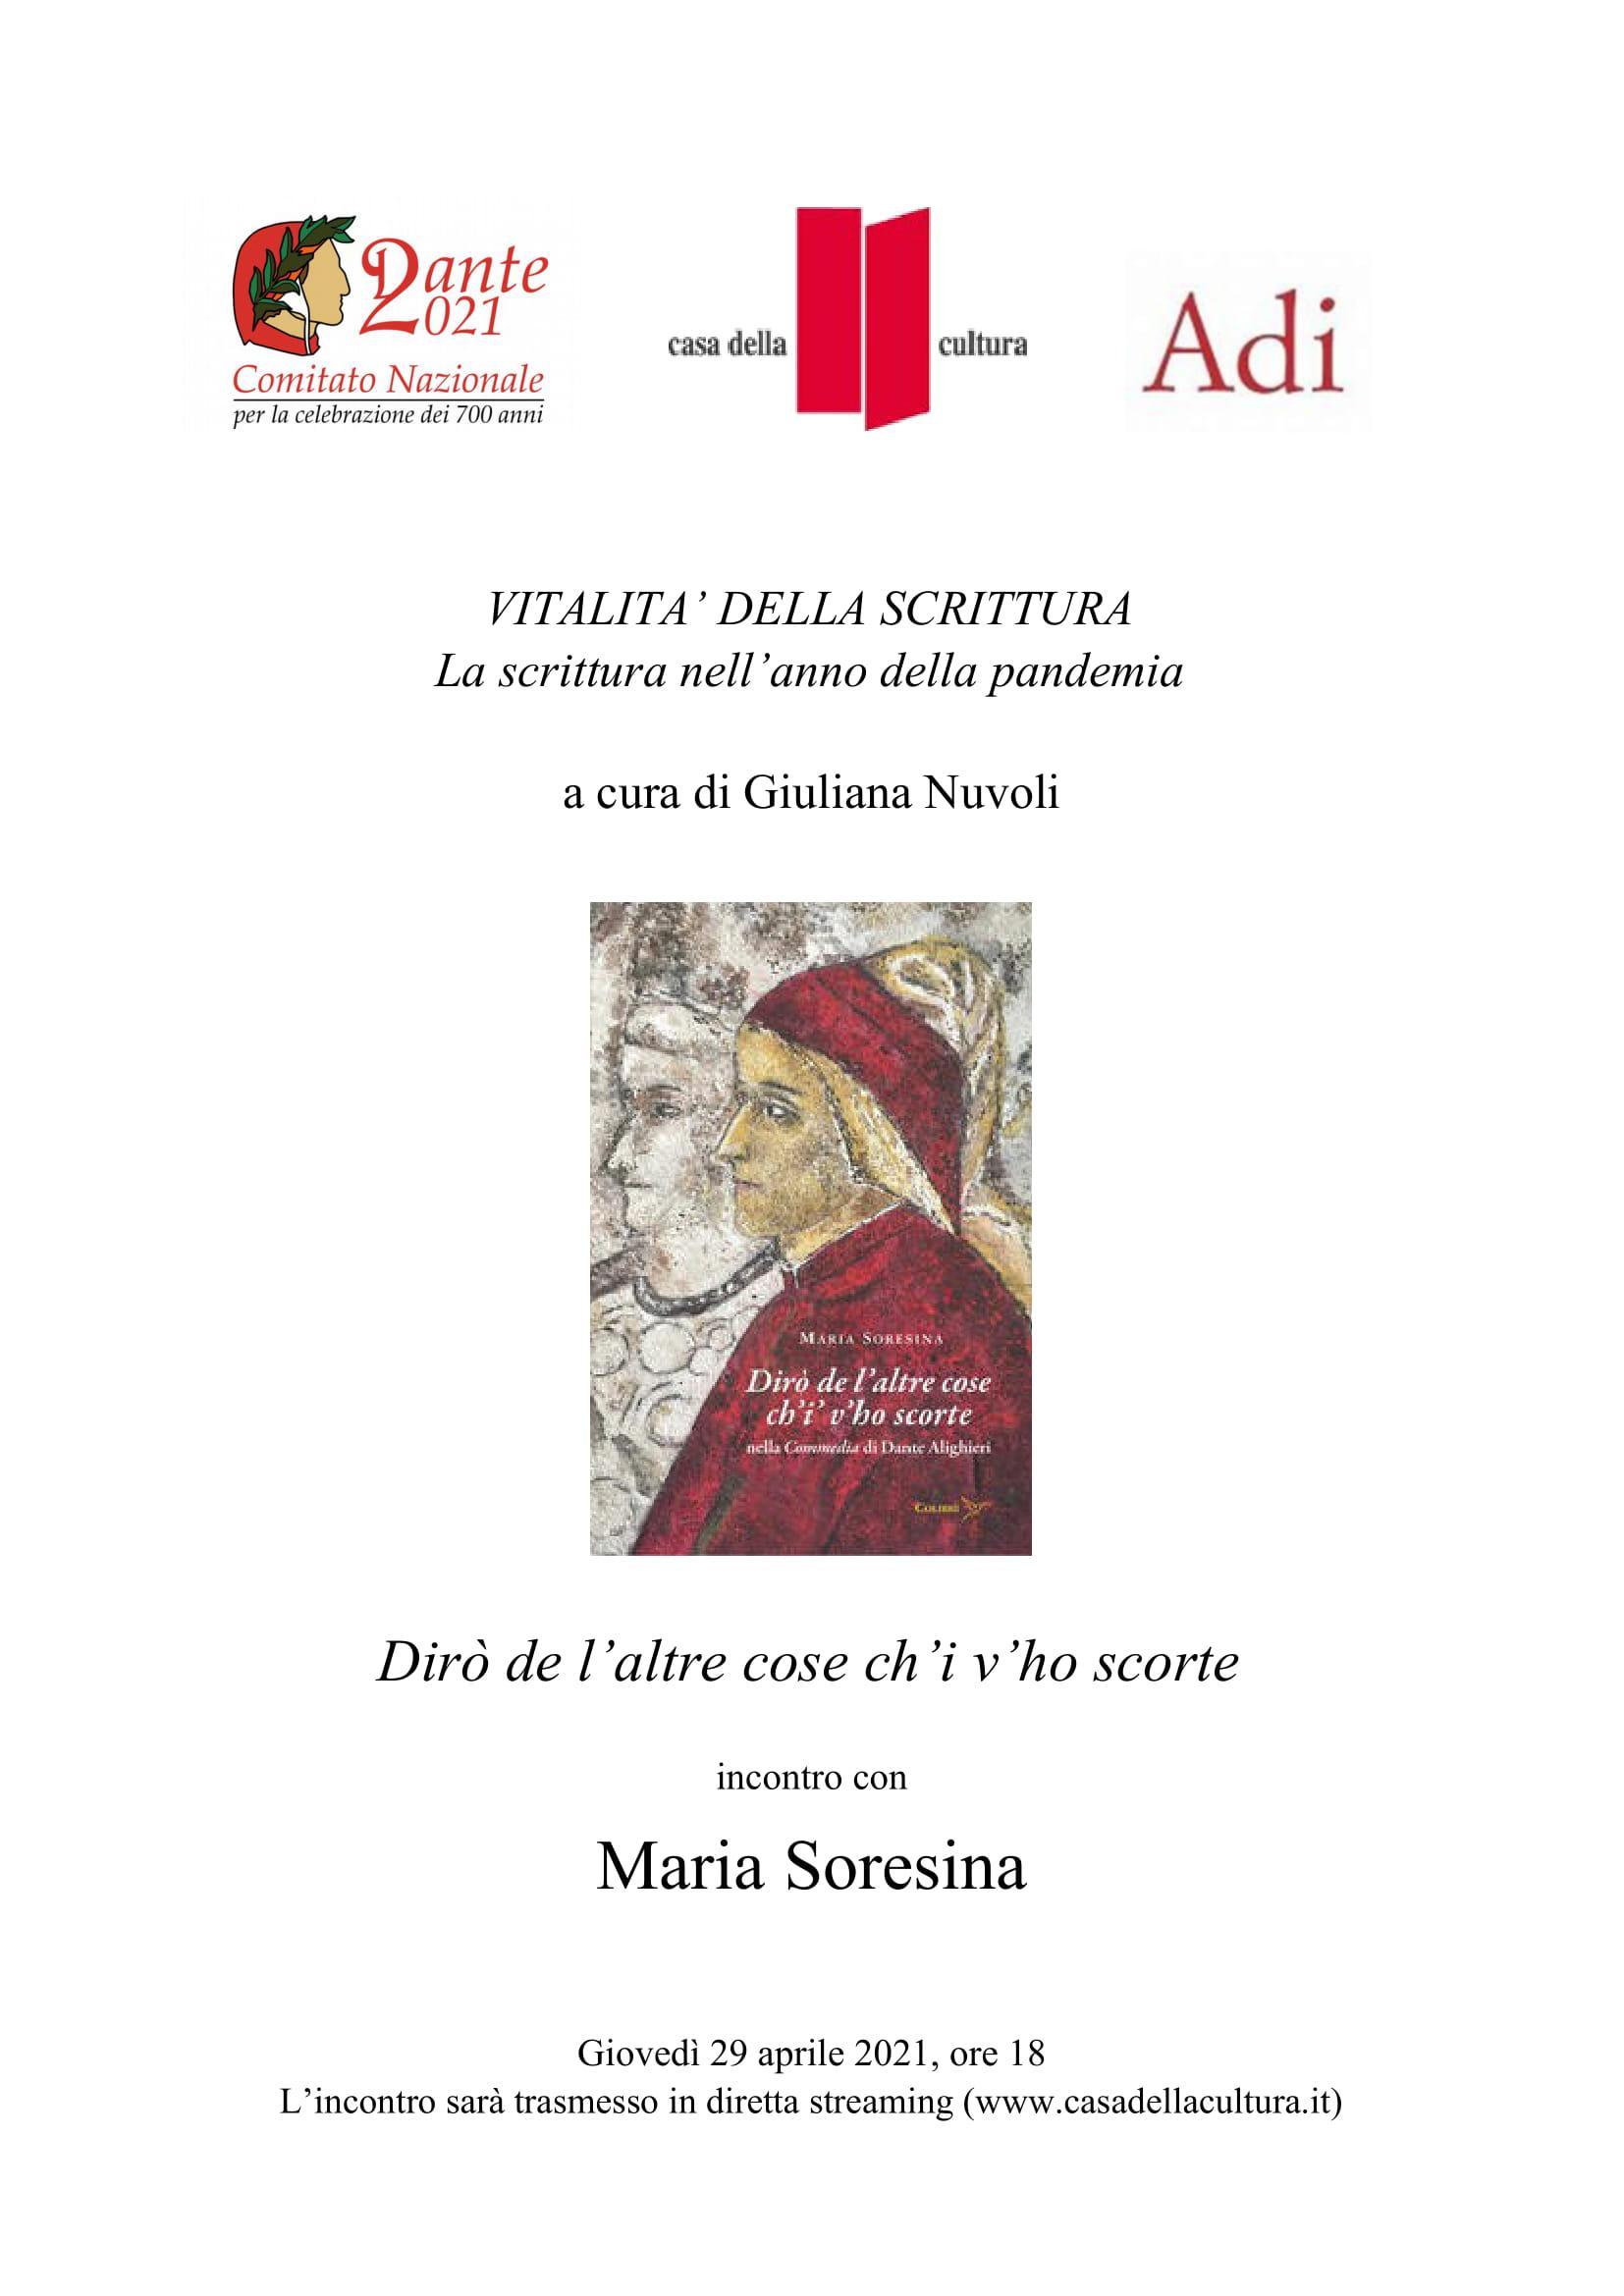 """Giuliana Nuvoli presenta Maria Soresina, """"Dirò de l'altre cose ch'i' v'ho scorte nella Commedia di Dante Alighieri"""", 29 aprile 2021, ore 18, https://www.youtube.com/results?search_query=casa+della+cultura+milano+soresina,"""